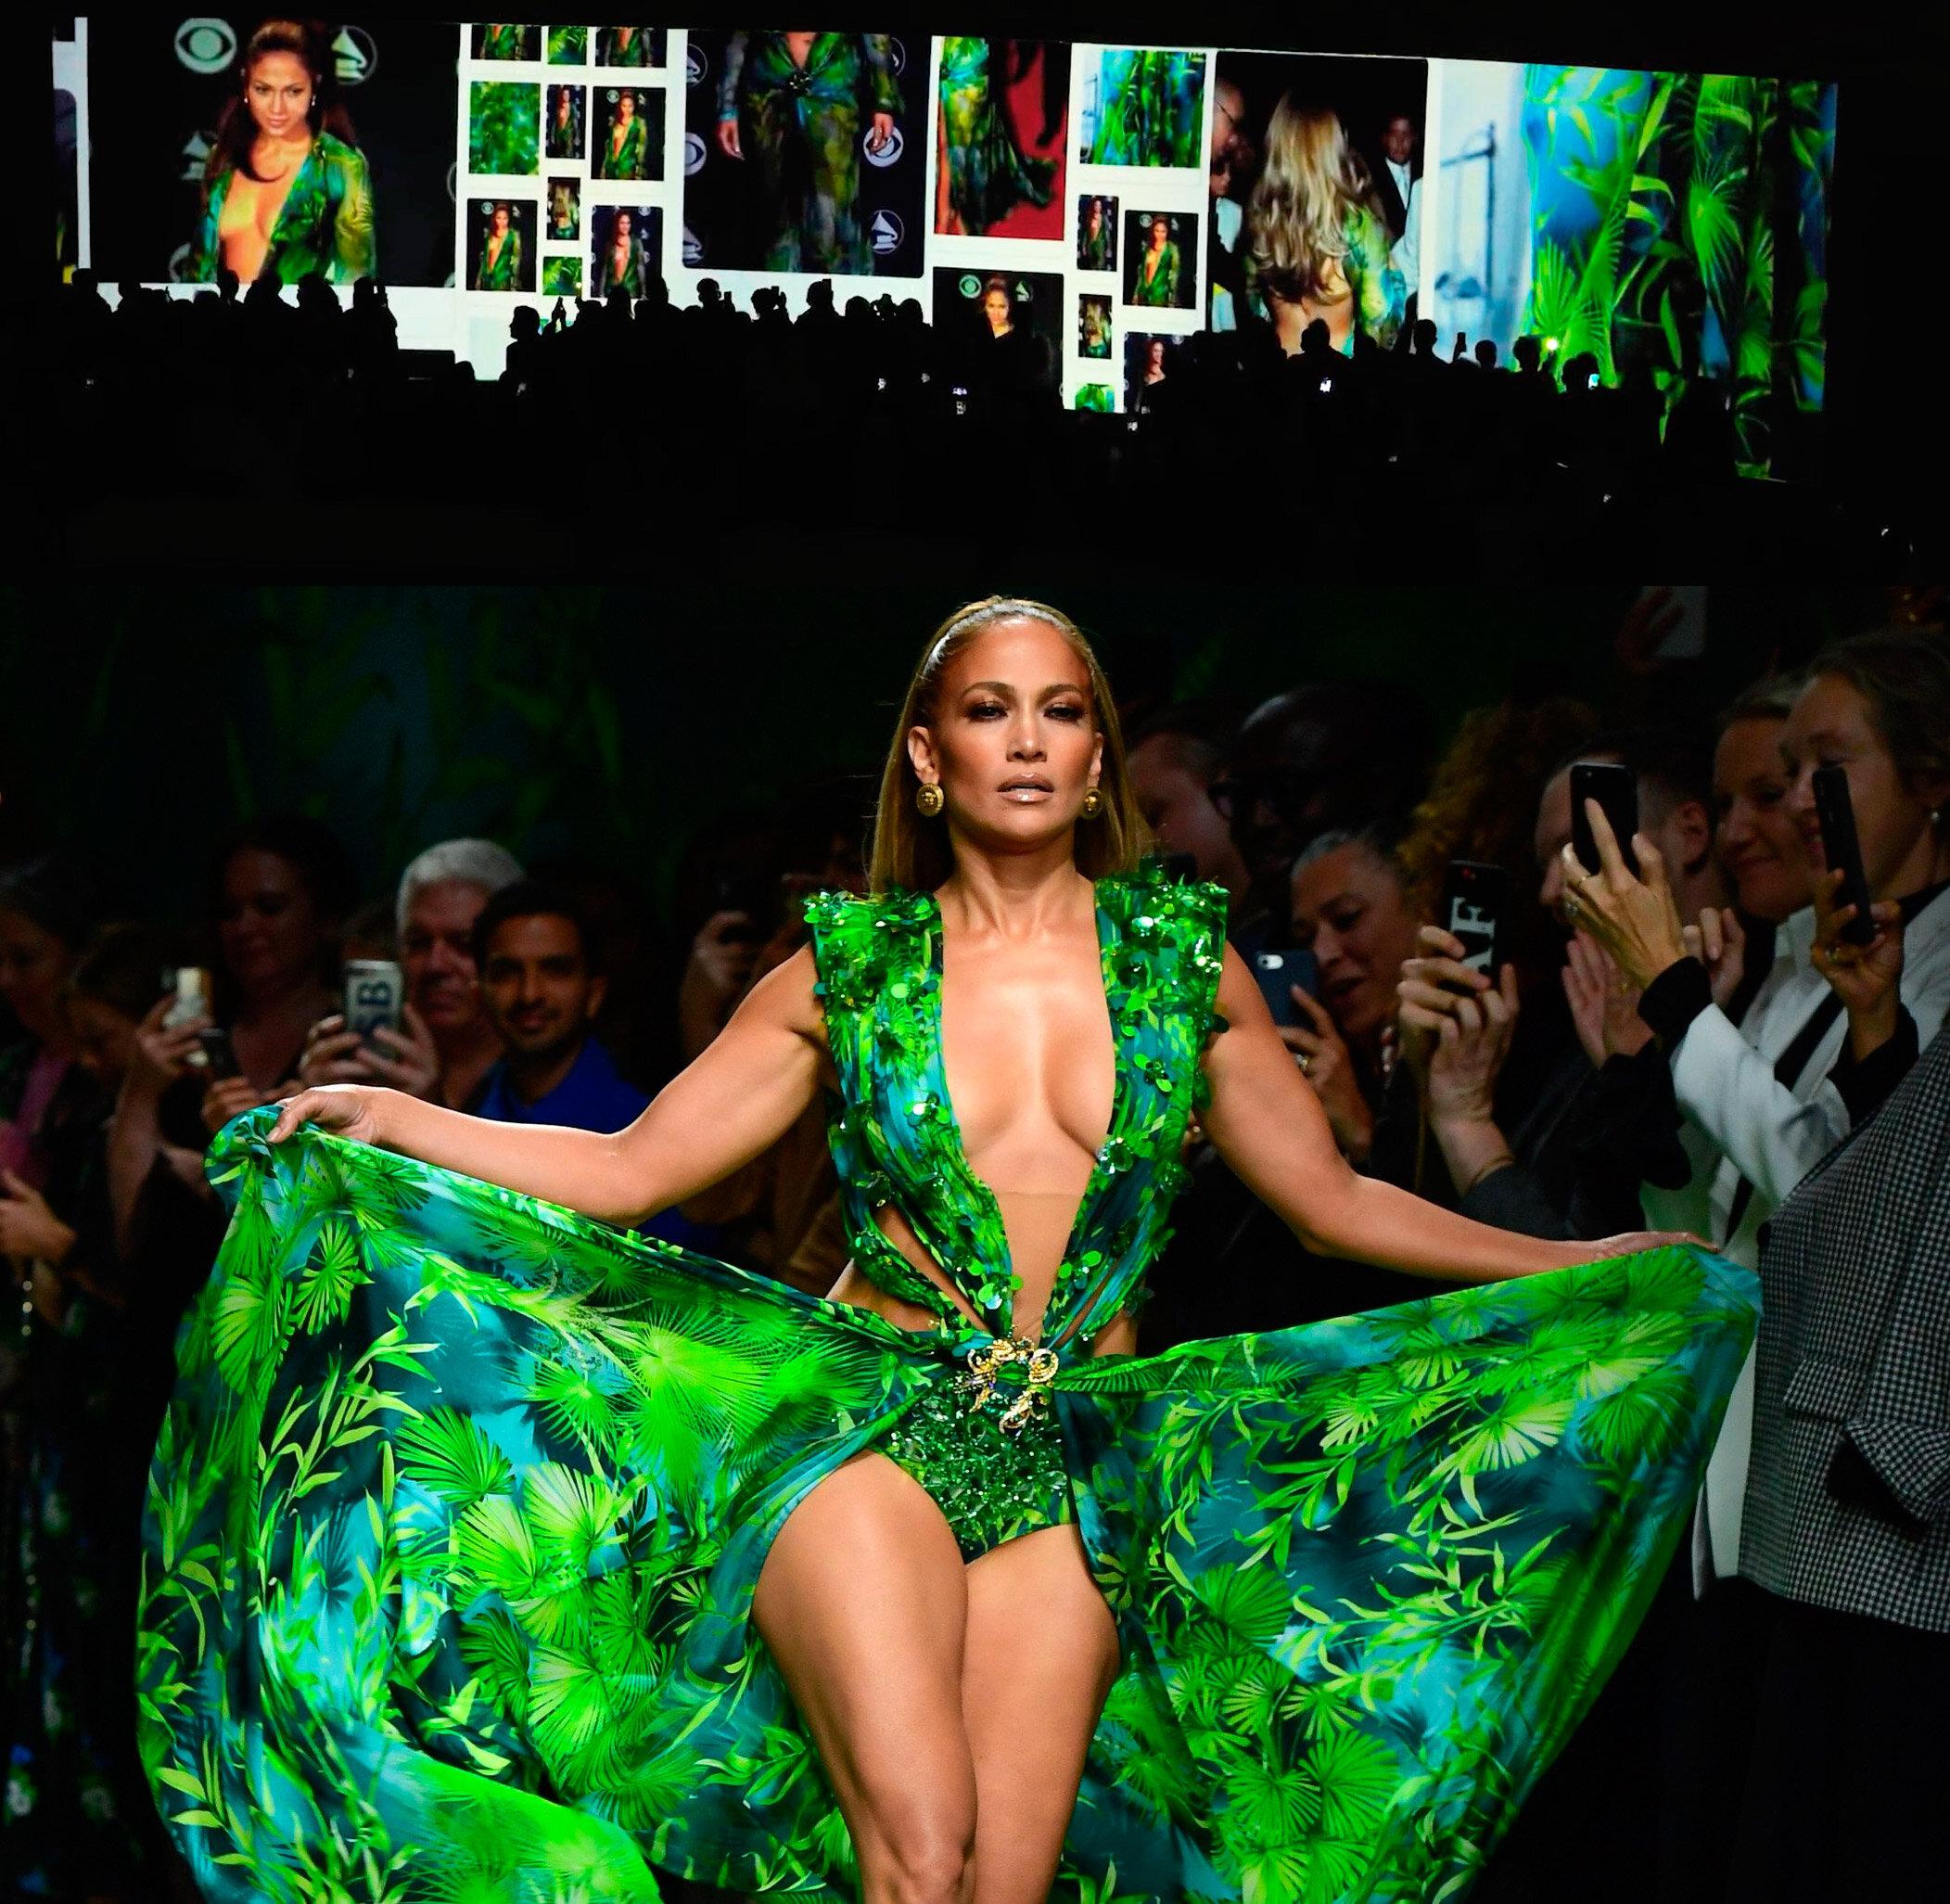 Défilé Versace printemps-été 2020, le 20 septembre 2019, à Milan. En haut, écran panoramique avec les images de la jungle dress, portée par Jennifer Lopez, en 2000 et en bas, la chanteuse américaine défilant avec la version revisitée de la silhouette Versace.